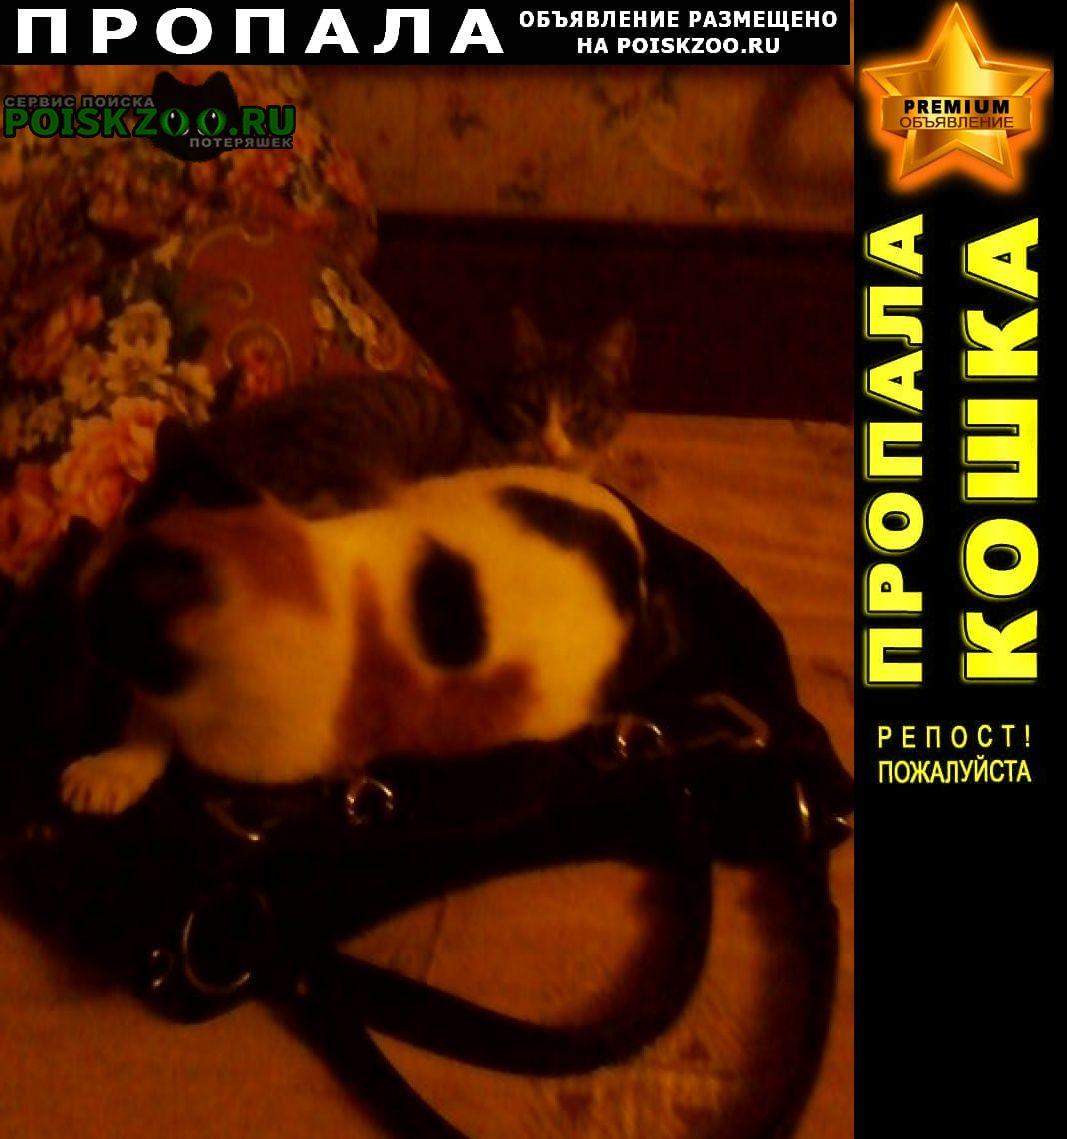 Пропала кошка на фото пропавшая на втором плане Одинцово